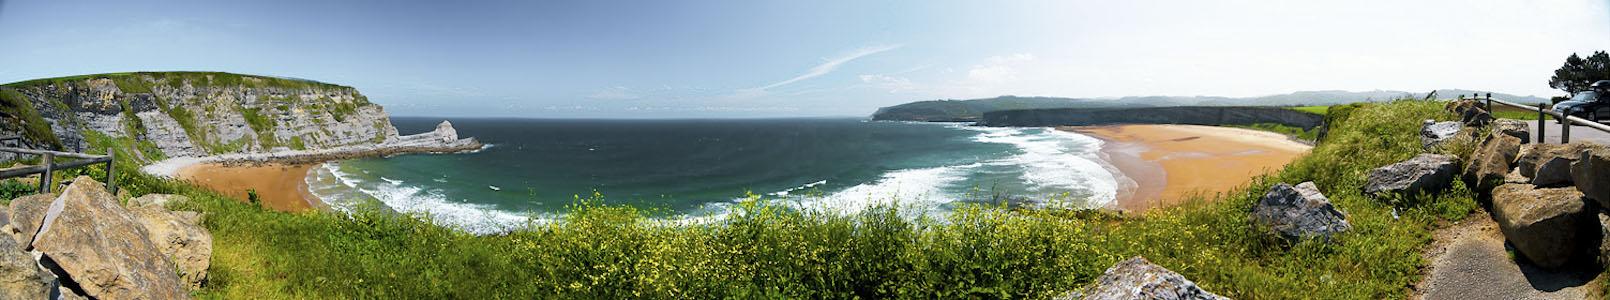 Playa Langre-2